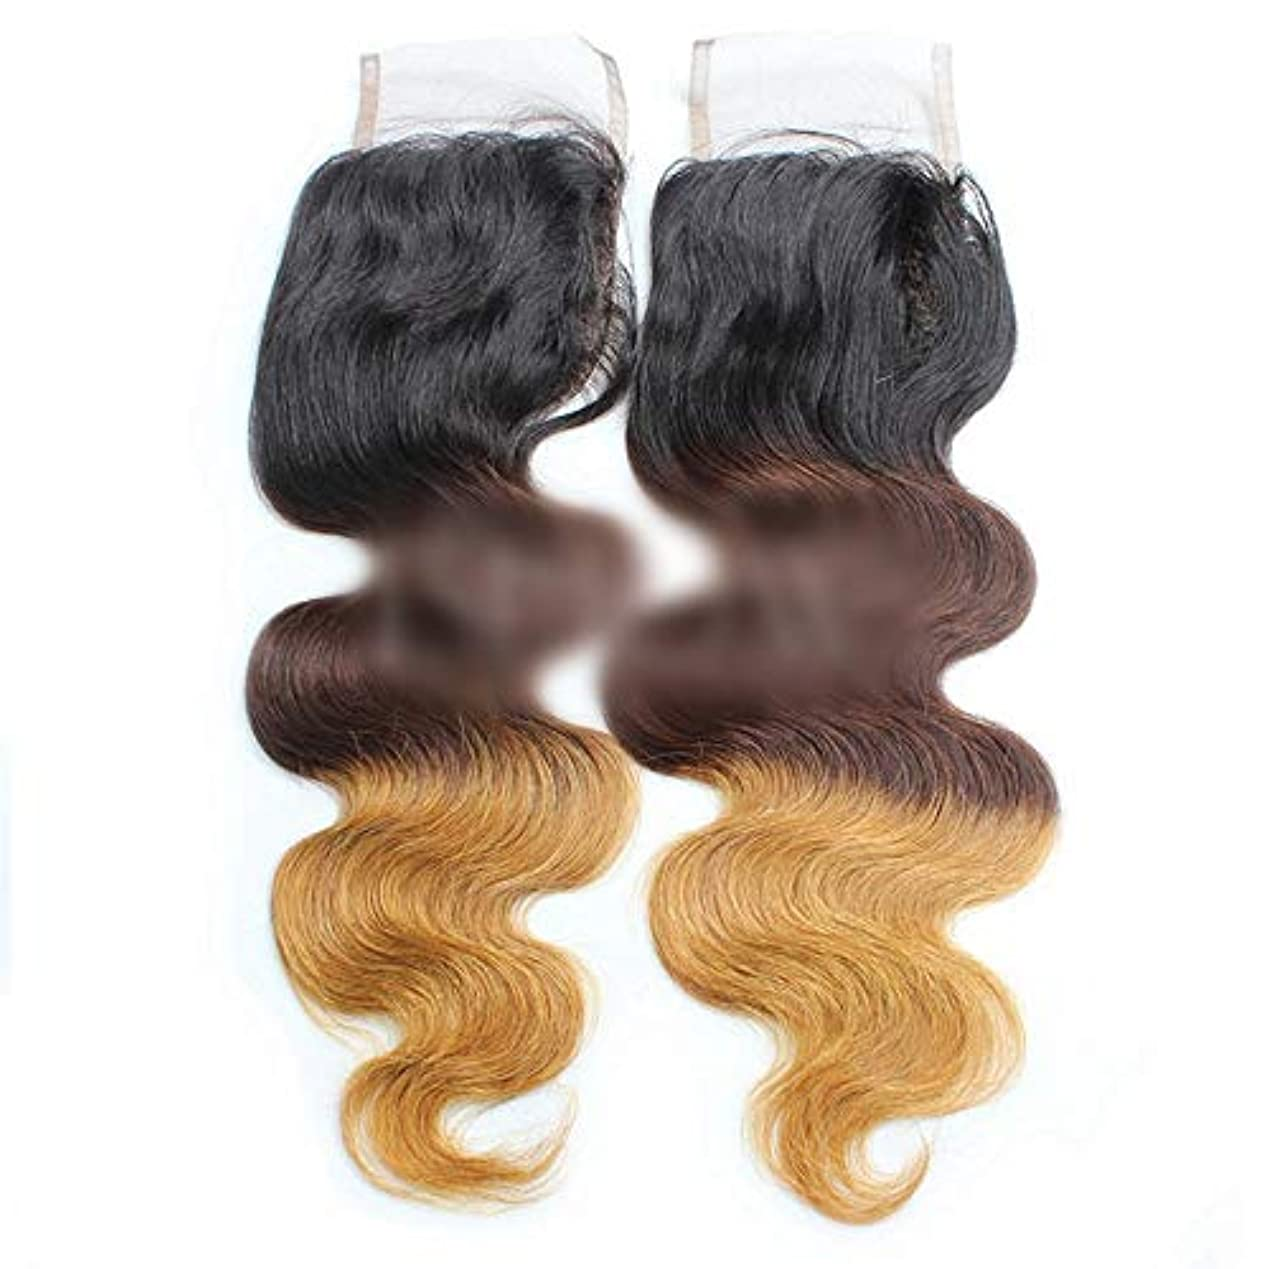 によるとシプリー通路WASAIO ブラウンのヘアエクステンションブラジルバンドルブラックは女性無料パート4×4インチのための3トーンの色人間の髪を金髪にします (色 : ブラウン, サイズ : 14 inch)